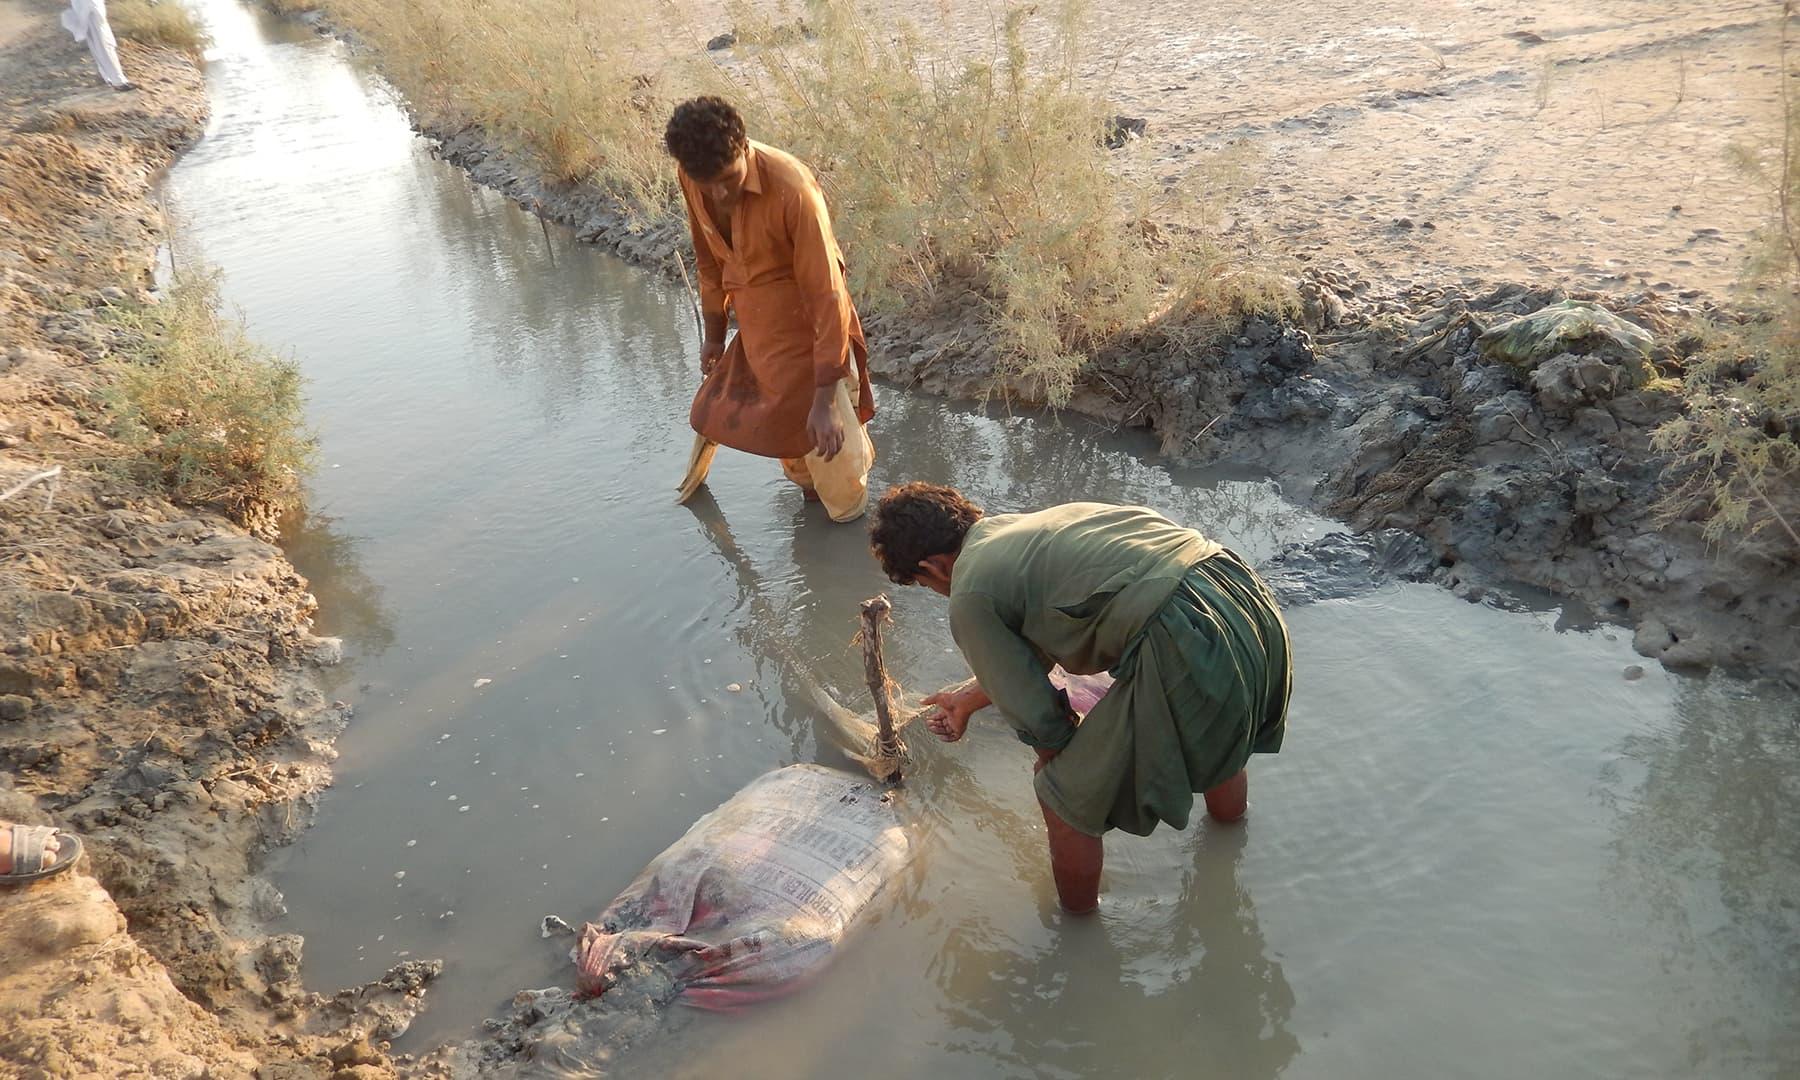 جہاں دھان کی فصل ہوا کرتی تھی وہاں اب سمندر کا پانی چھوٹی چھوٹی نہروں میں آنے لگا ہے۔۔۔۔ —تصویر ابوبکر شیخ